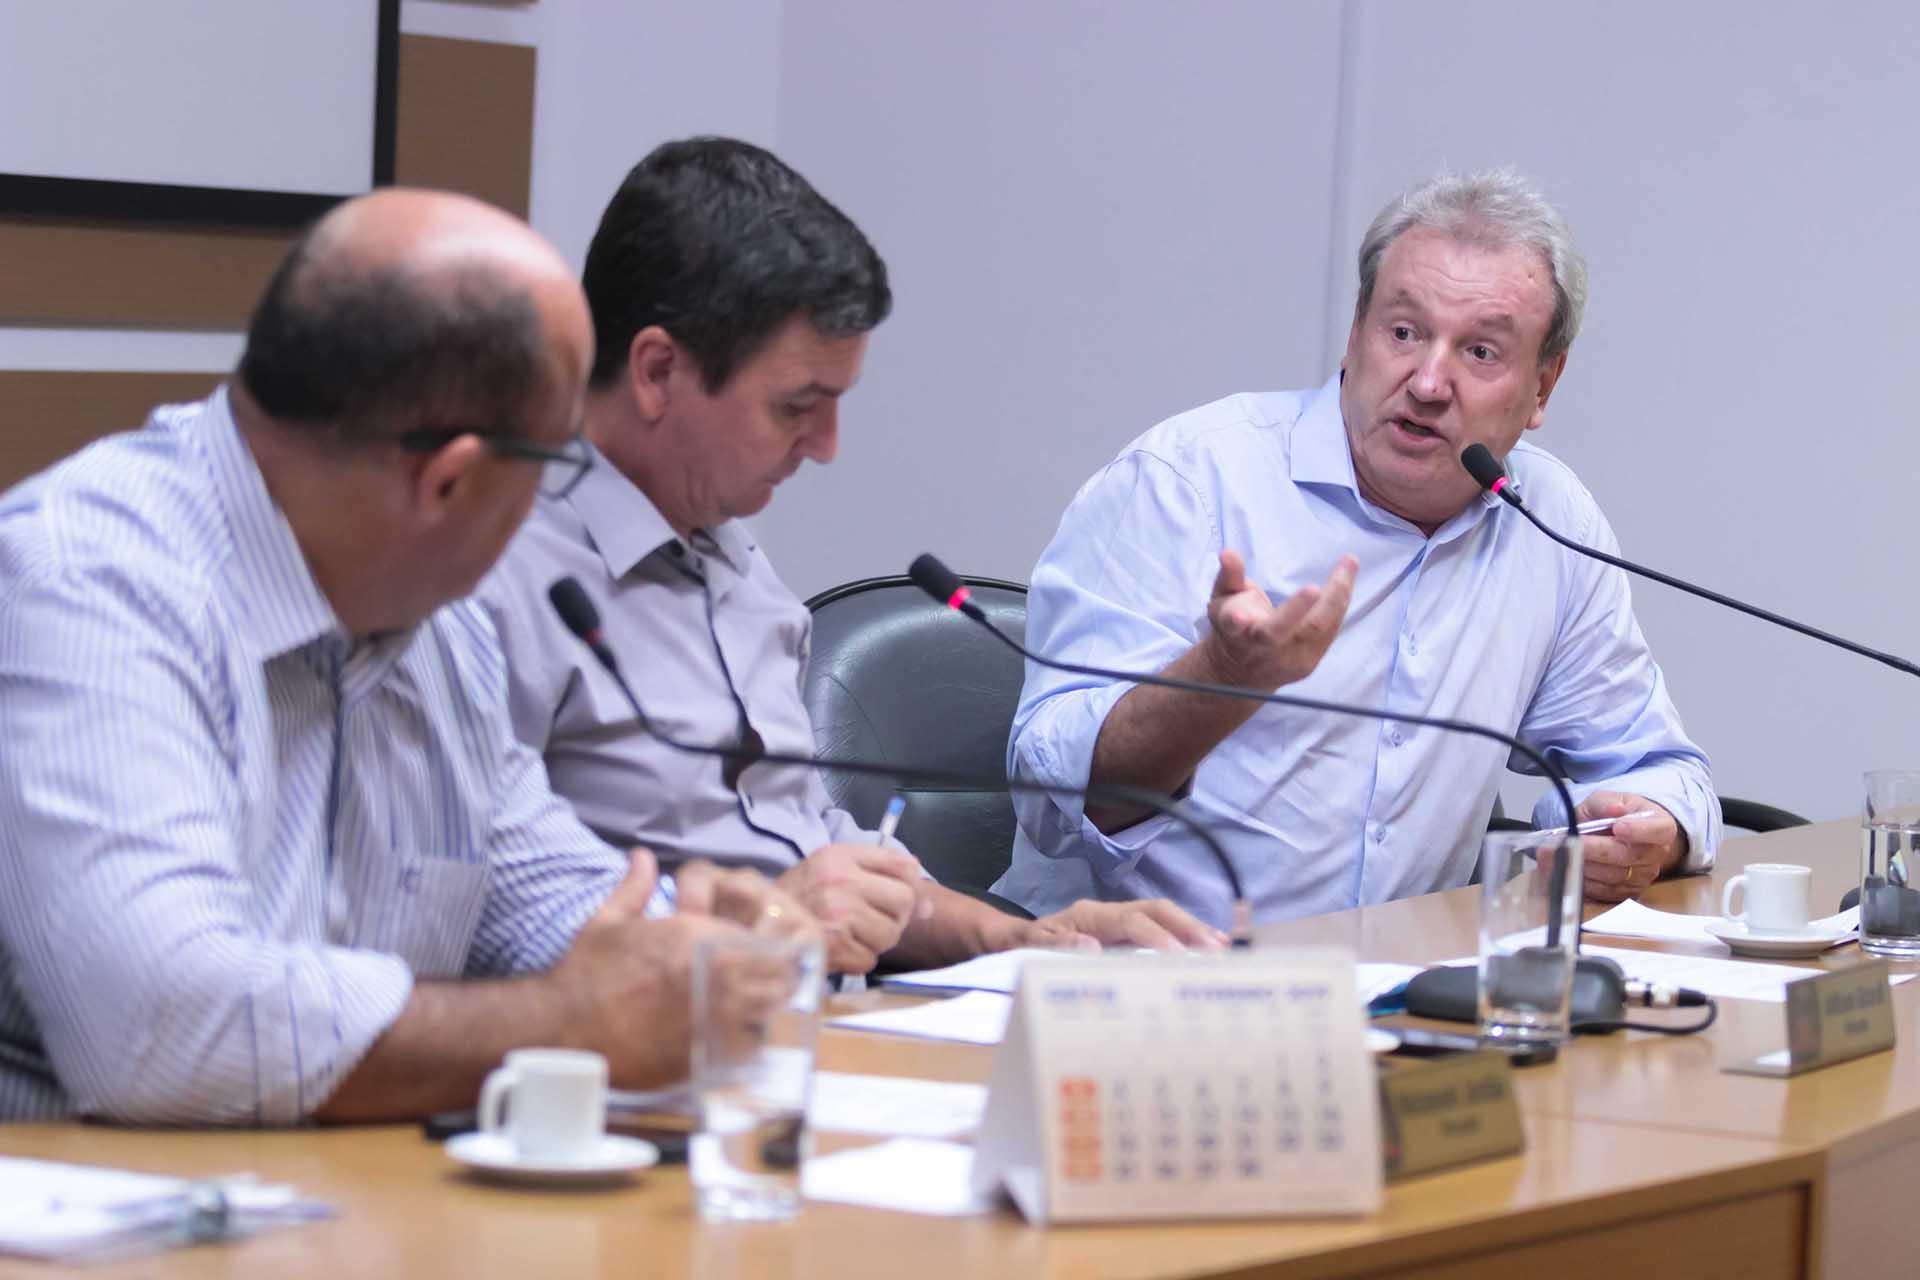 Comissão de Economia aprovou uma das propostas nesta segunda-feira (25) | Foto Mauro Arthur Schlieck/Câmara de Vereadores de Joinville